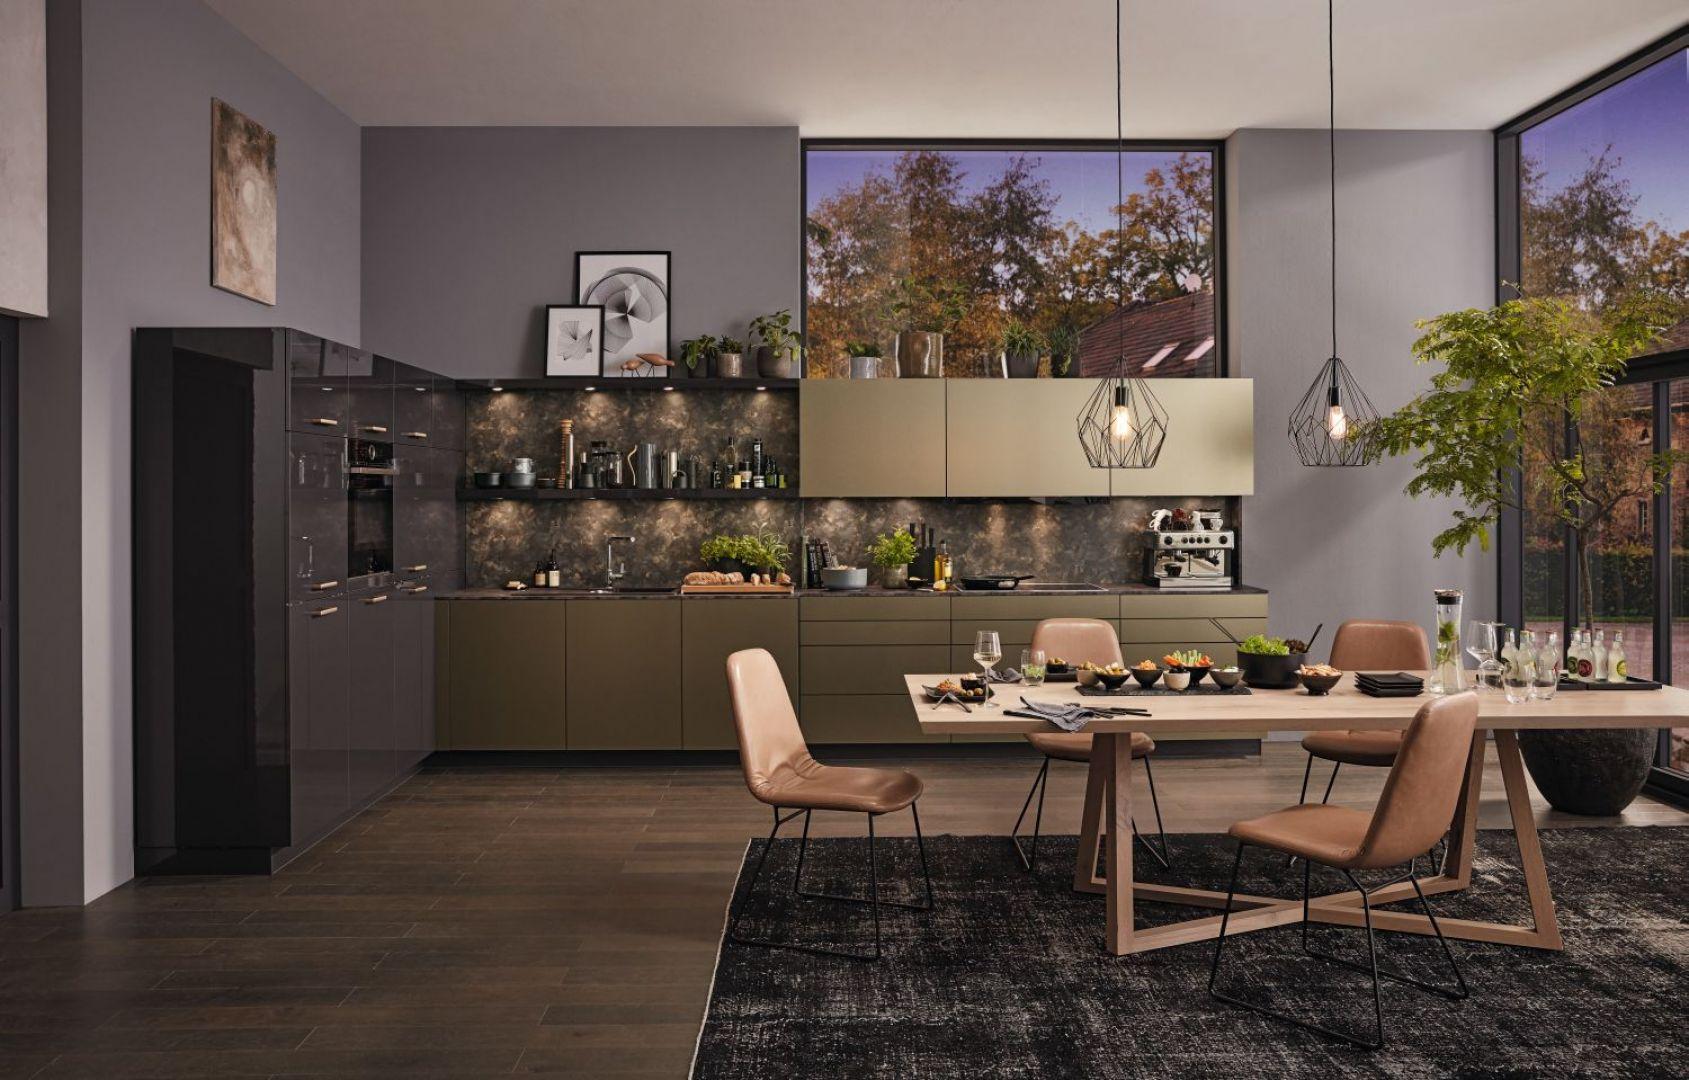 Kuchnia z programu AlnoGlint, AlnoPearl to połączenie eleganckich grafitowych frontów z matowymi, w złotym metalicznym kolorze. Fot. Alno